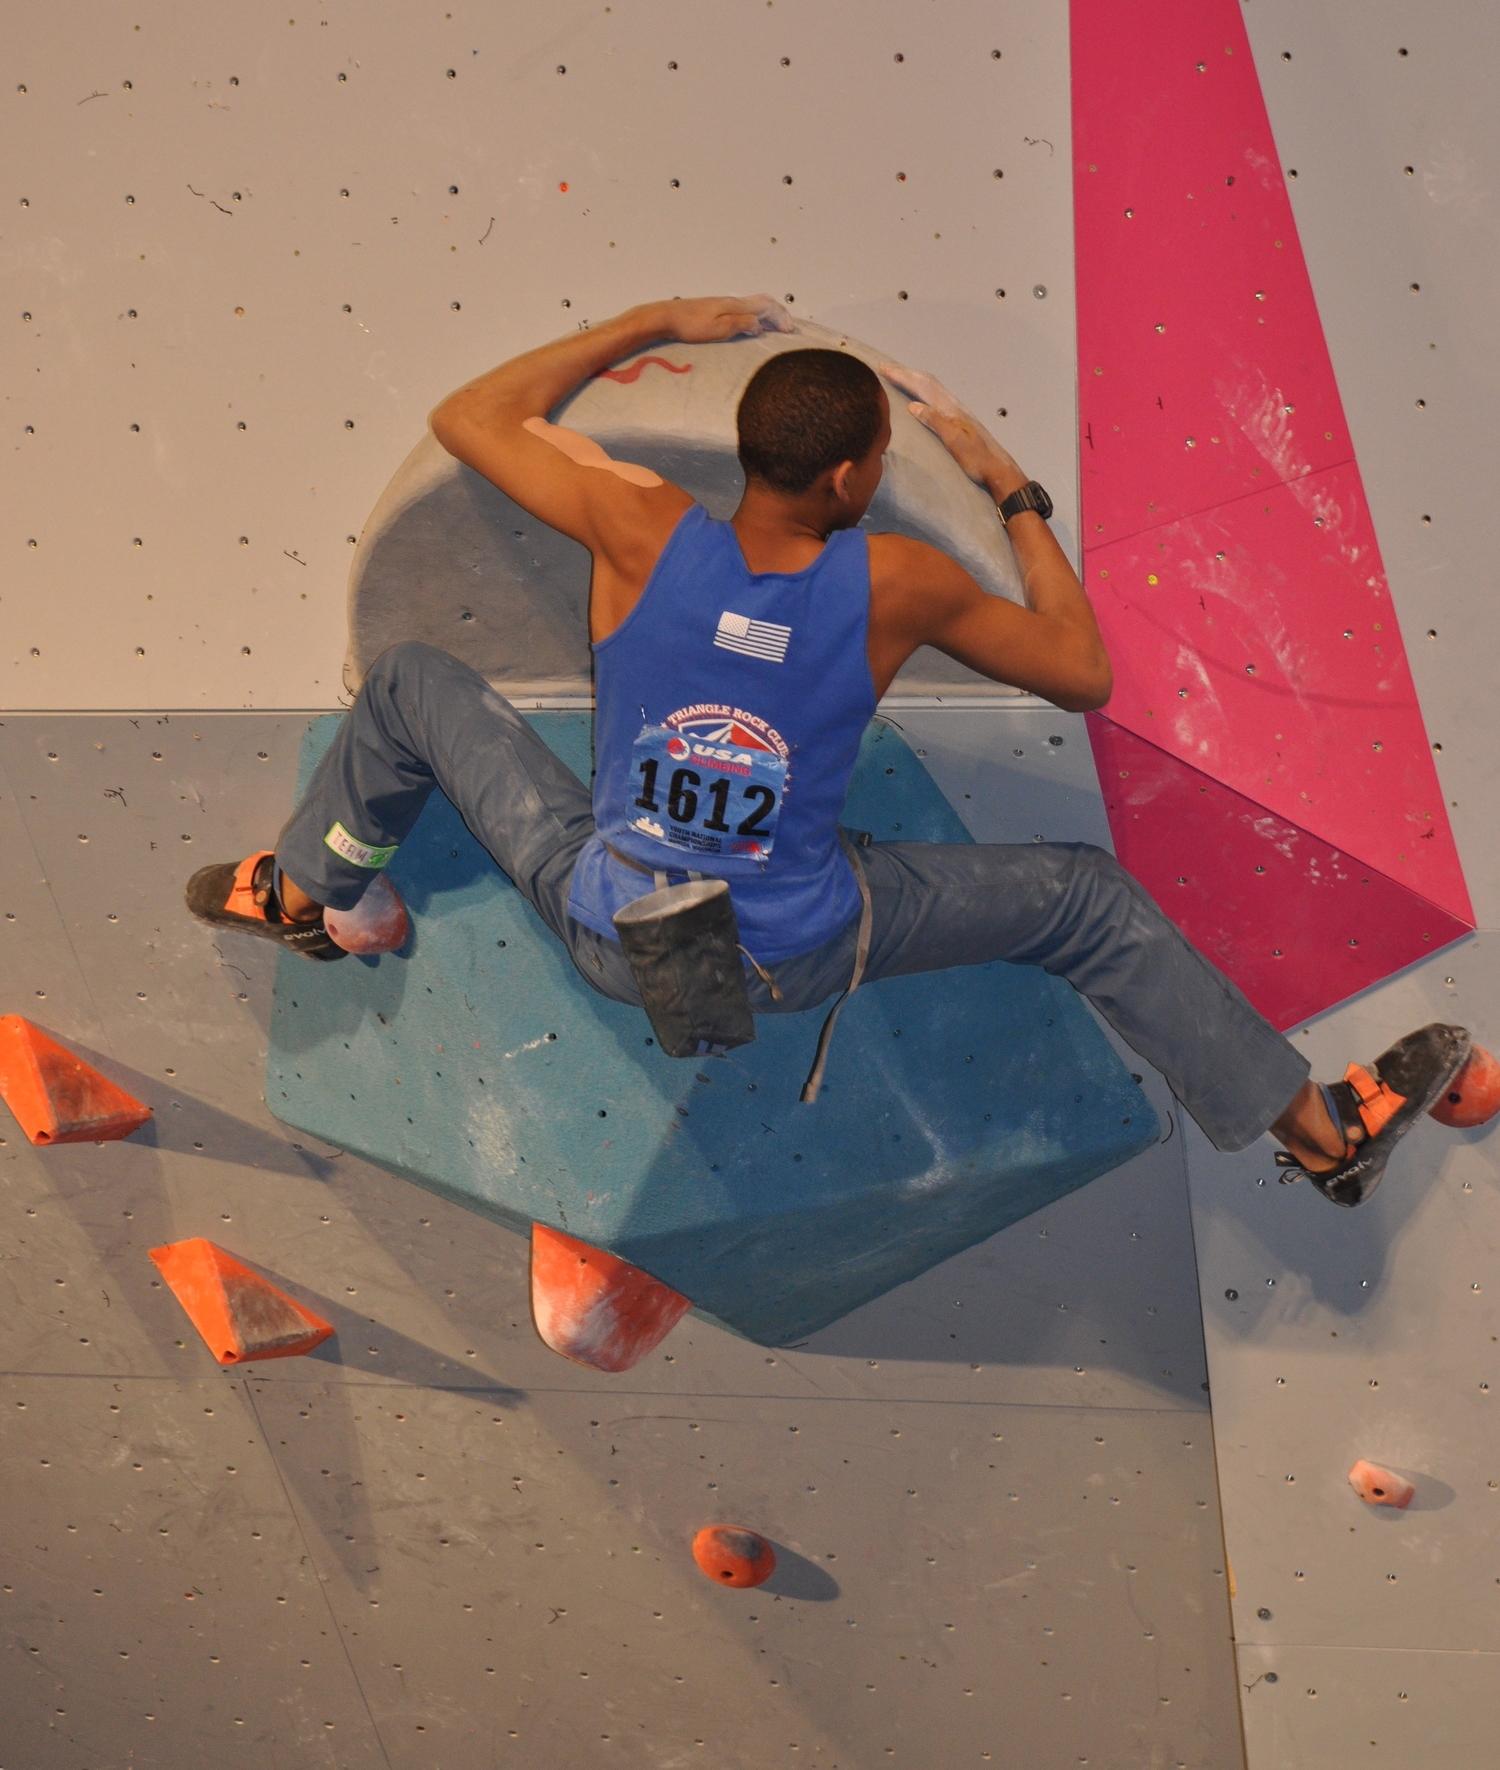 Photographer: Lori Buhrfeind - Semifinals #1